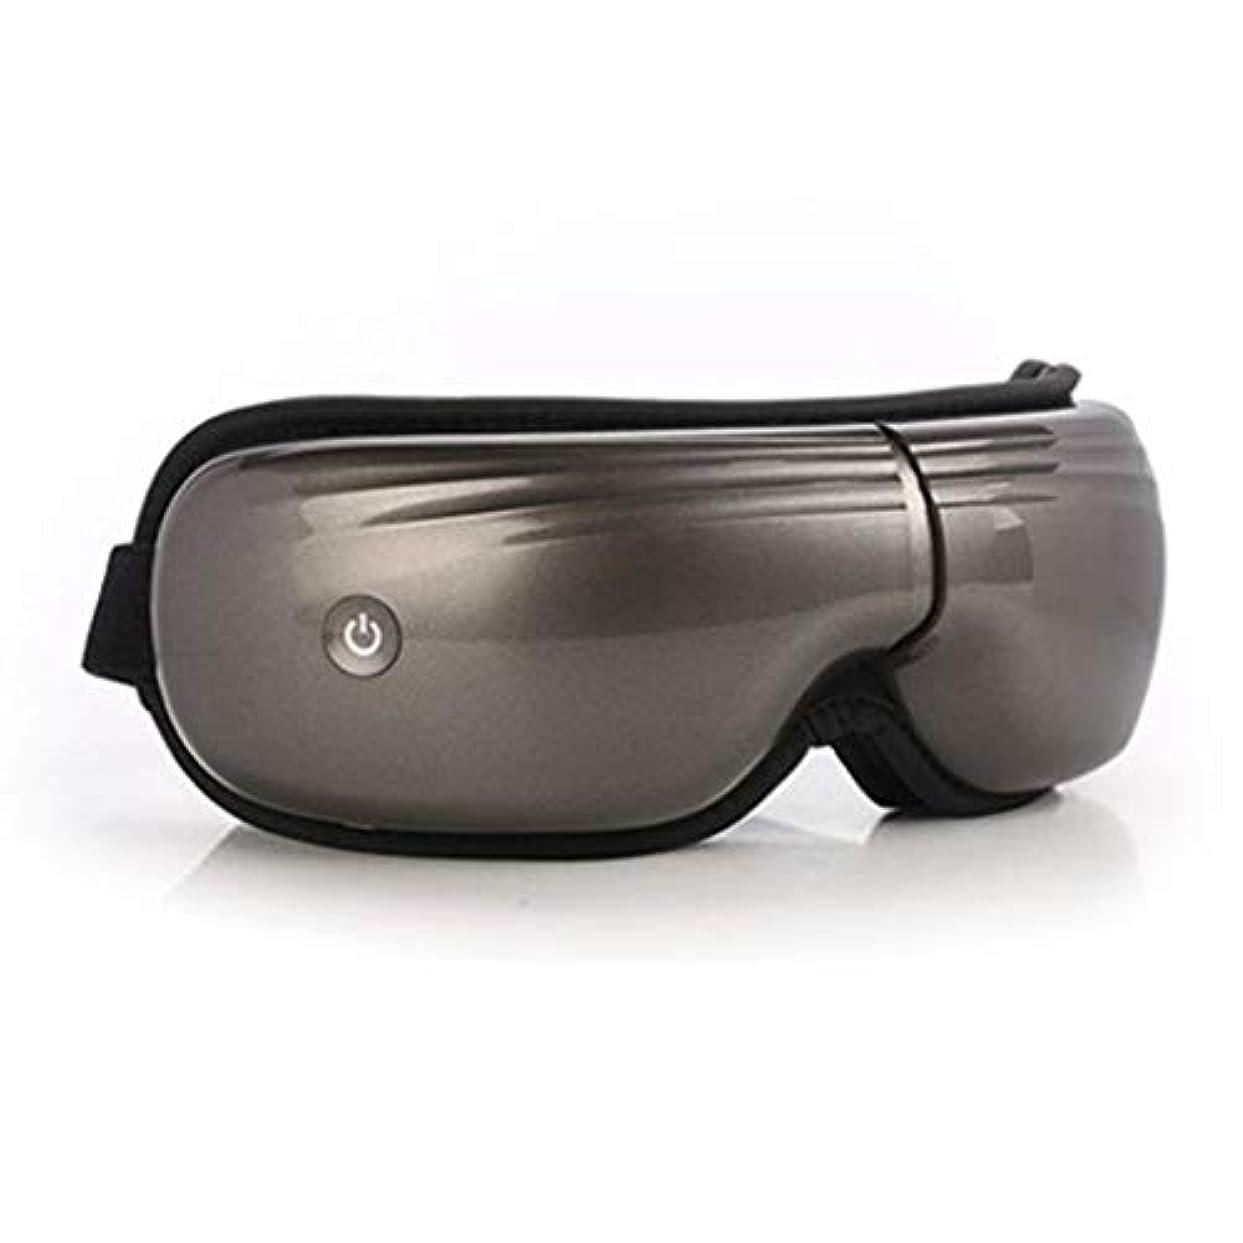 依存欺く傘アイマッサージアイマスク、アイマッサージャー、USB充電式ポータブルアイツール、ホットコンプレッションおよびフォールディングホーム、ダークサークルアイバッグおよびアイ疲労の改善、いつでも、いつでも持ち運びが簡単